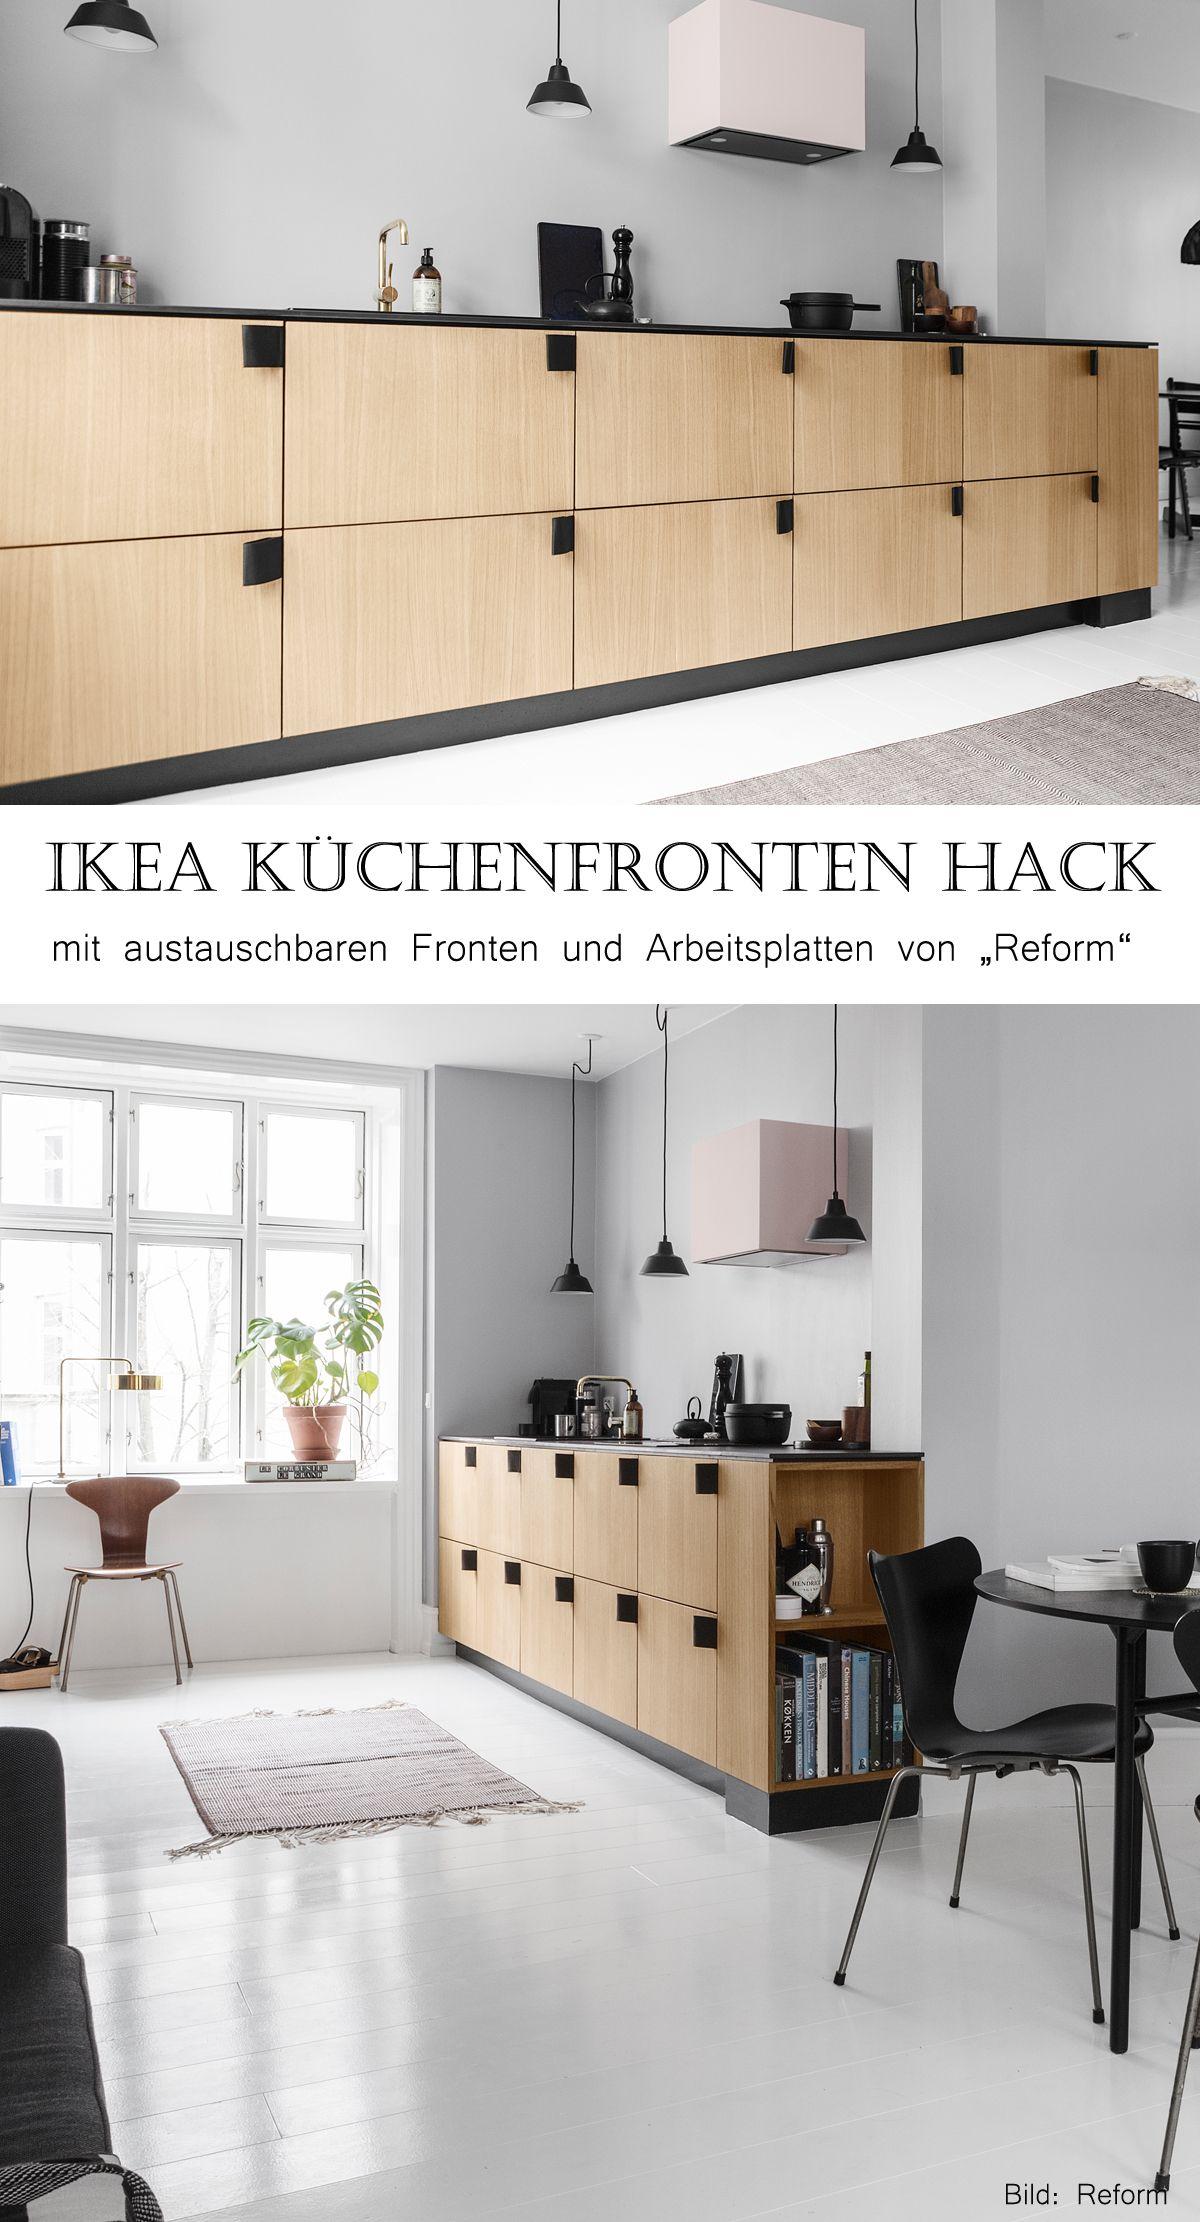 Full Size of Ikea Küchen Hacks Regal Betten Bei Miniküche Modulküche Sofa Mit Schlaffunktion Küche Kaufen Kosten 160x200 Wohnzimmer Ikea Küchen Hacks